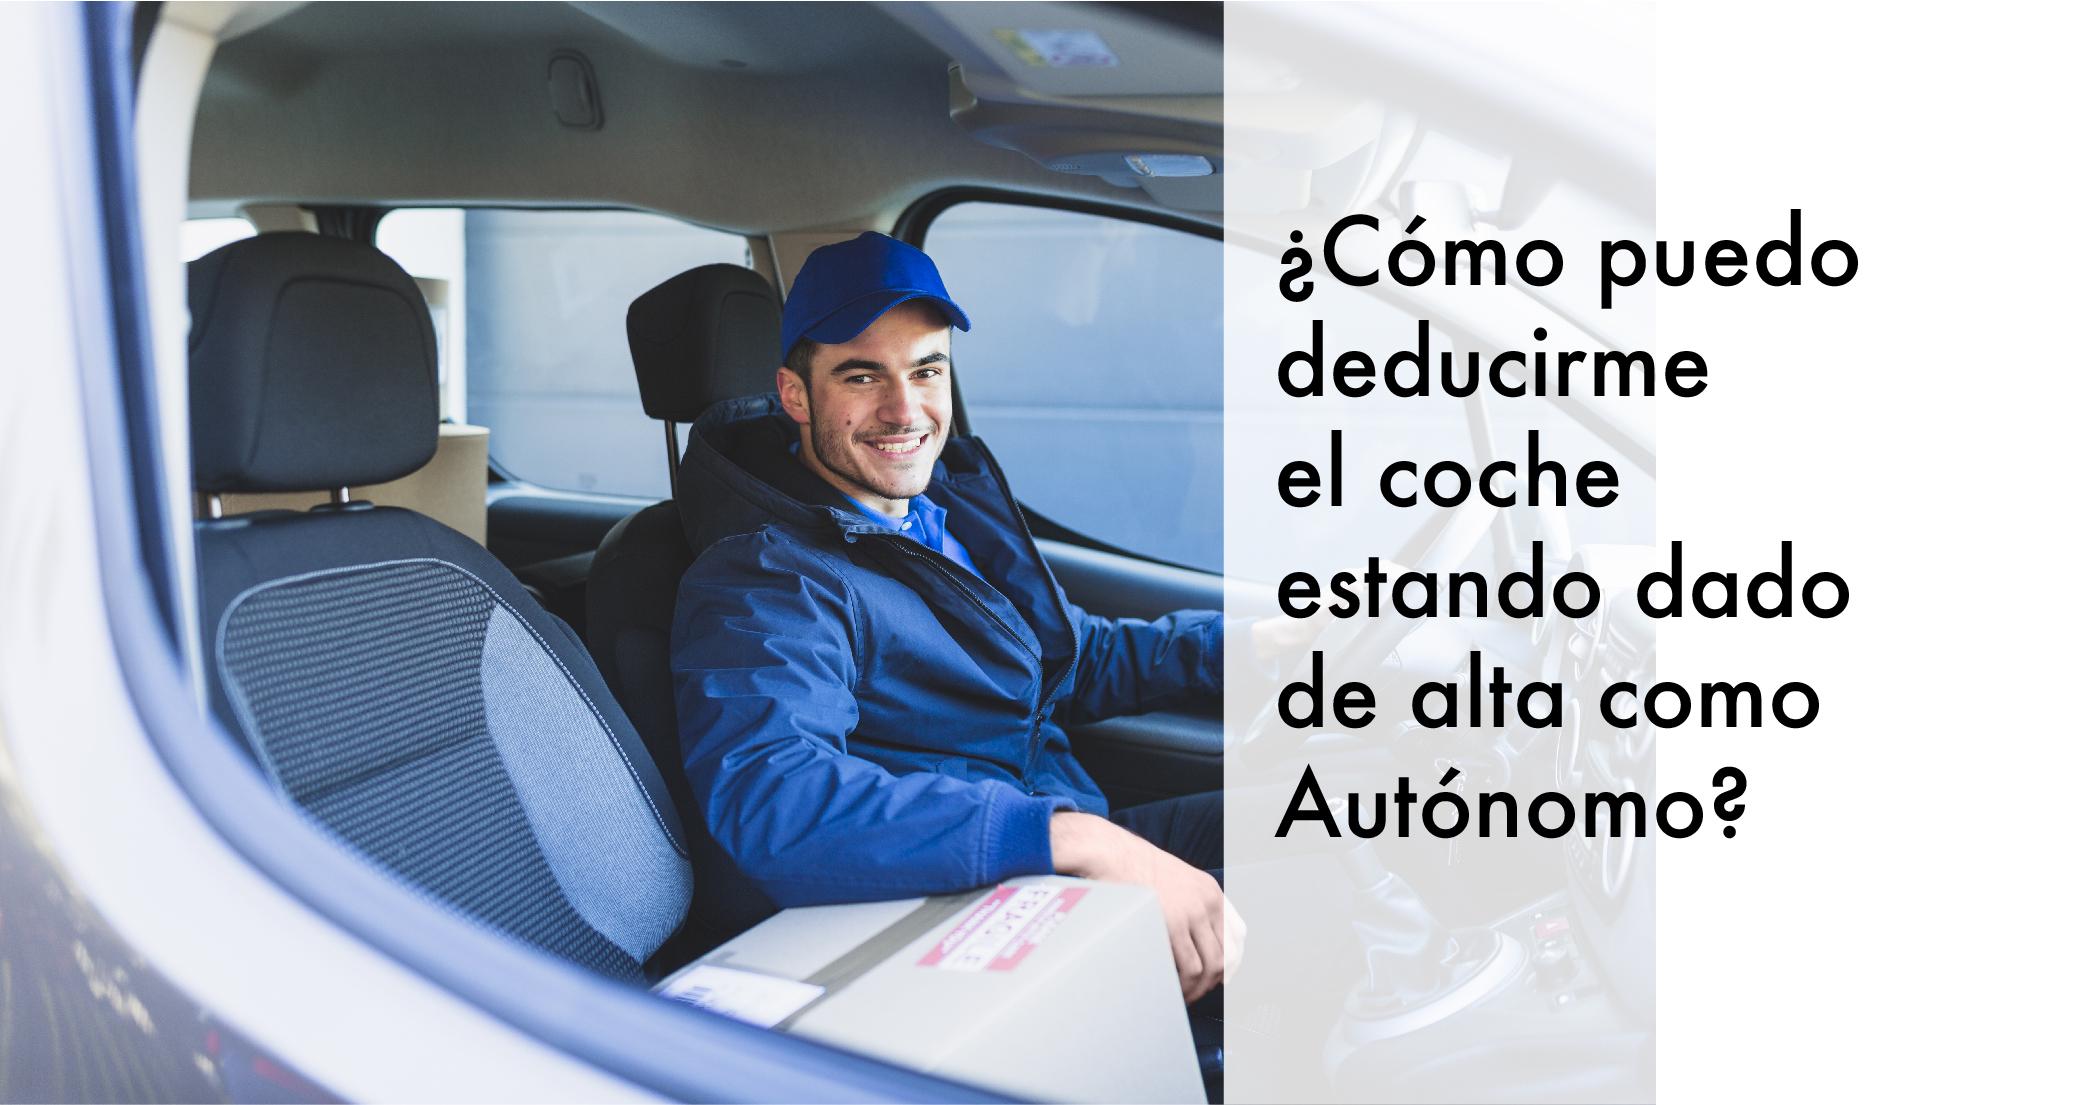 ¿Cómo puedo deducirme el coche estando dado de alta como autónomo? Paso a paso.